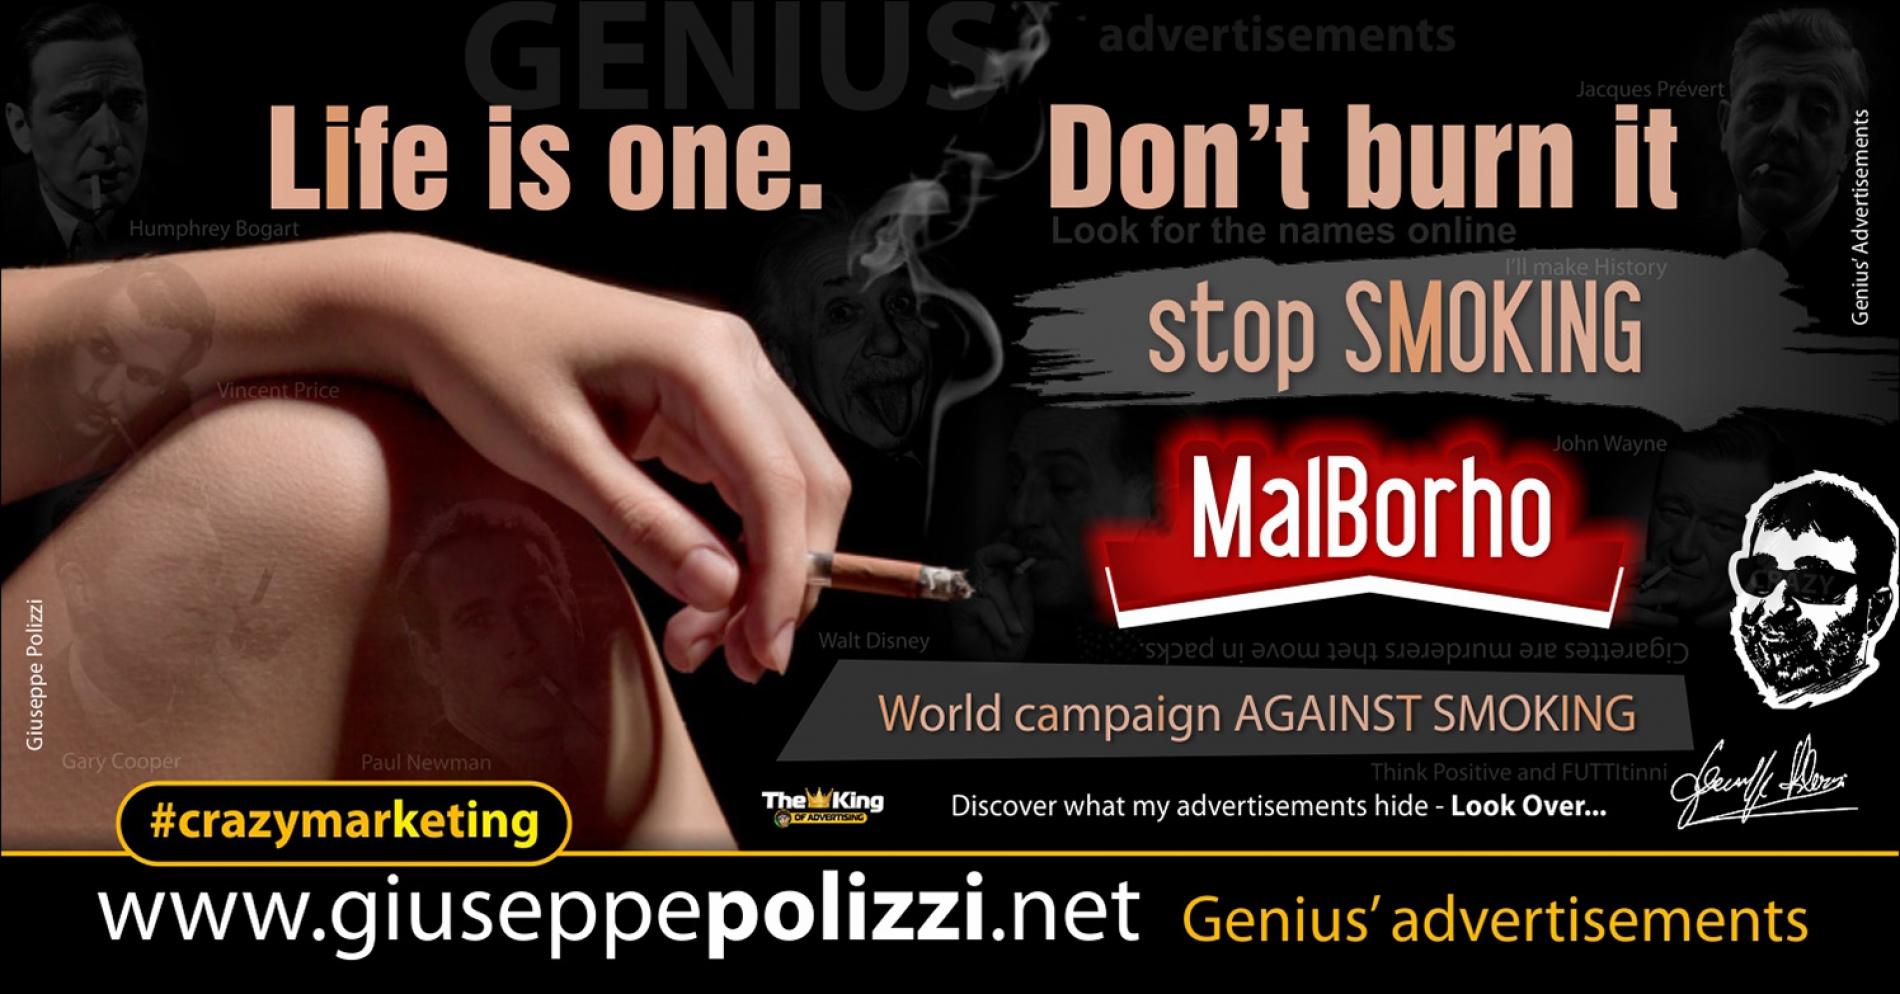 giuseppe polizzi crazymarketing Stop Smoking genius  2018 advertising